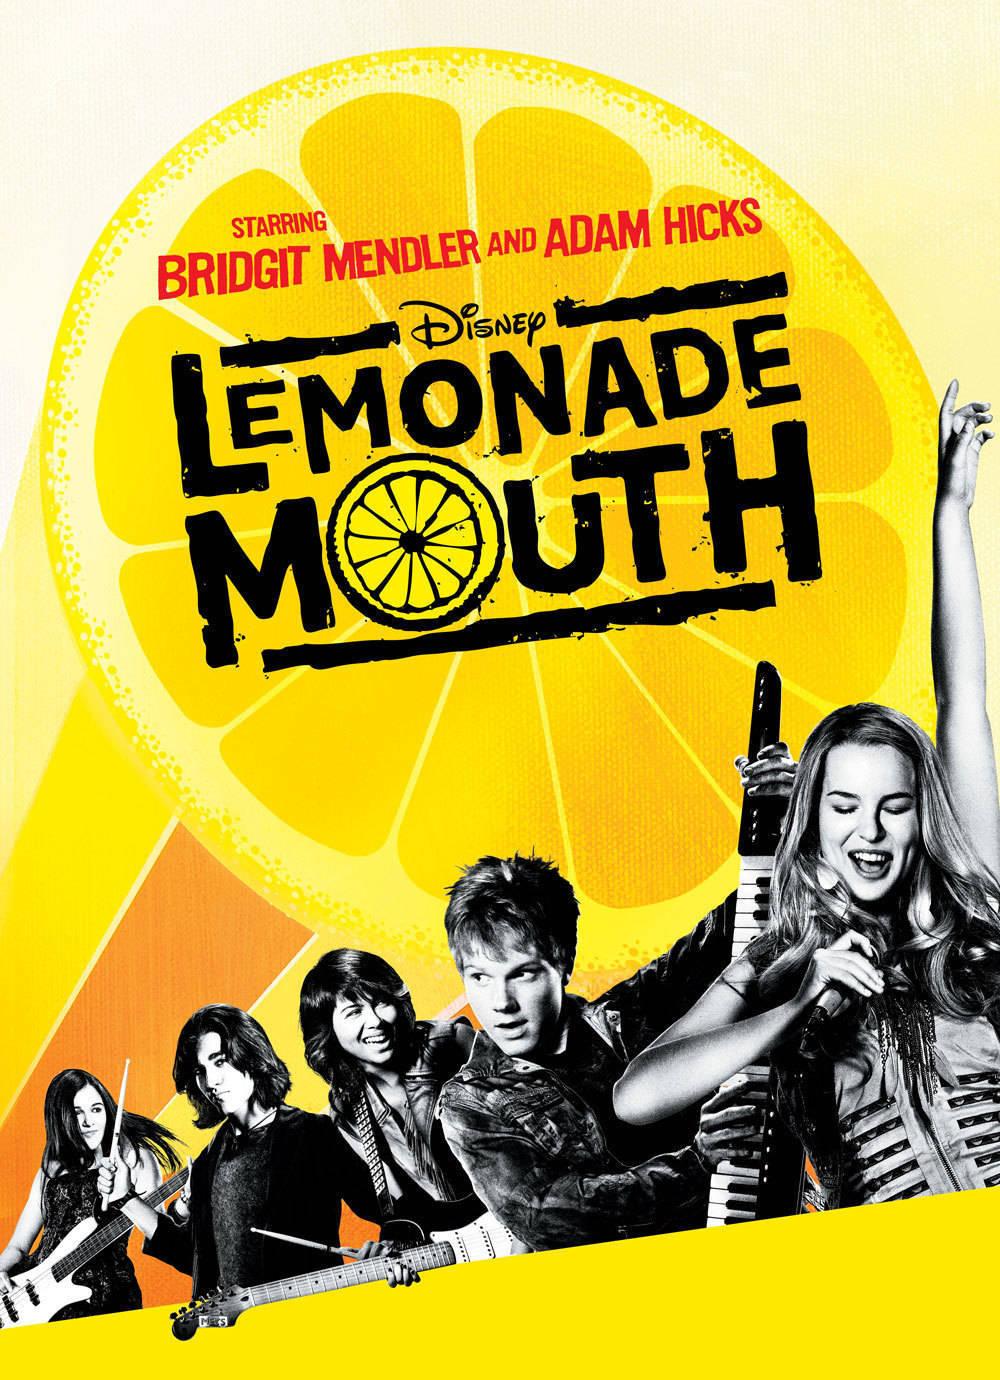 c4536f0d81fbfbe7fe99_Lemonade_Mouth.jpeg